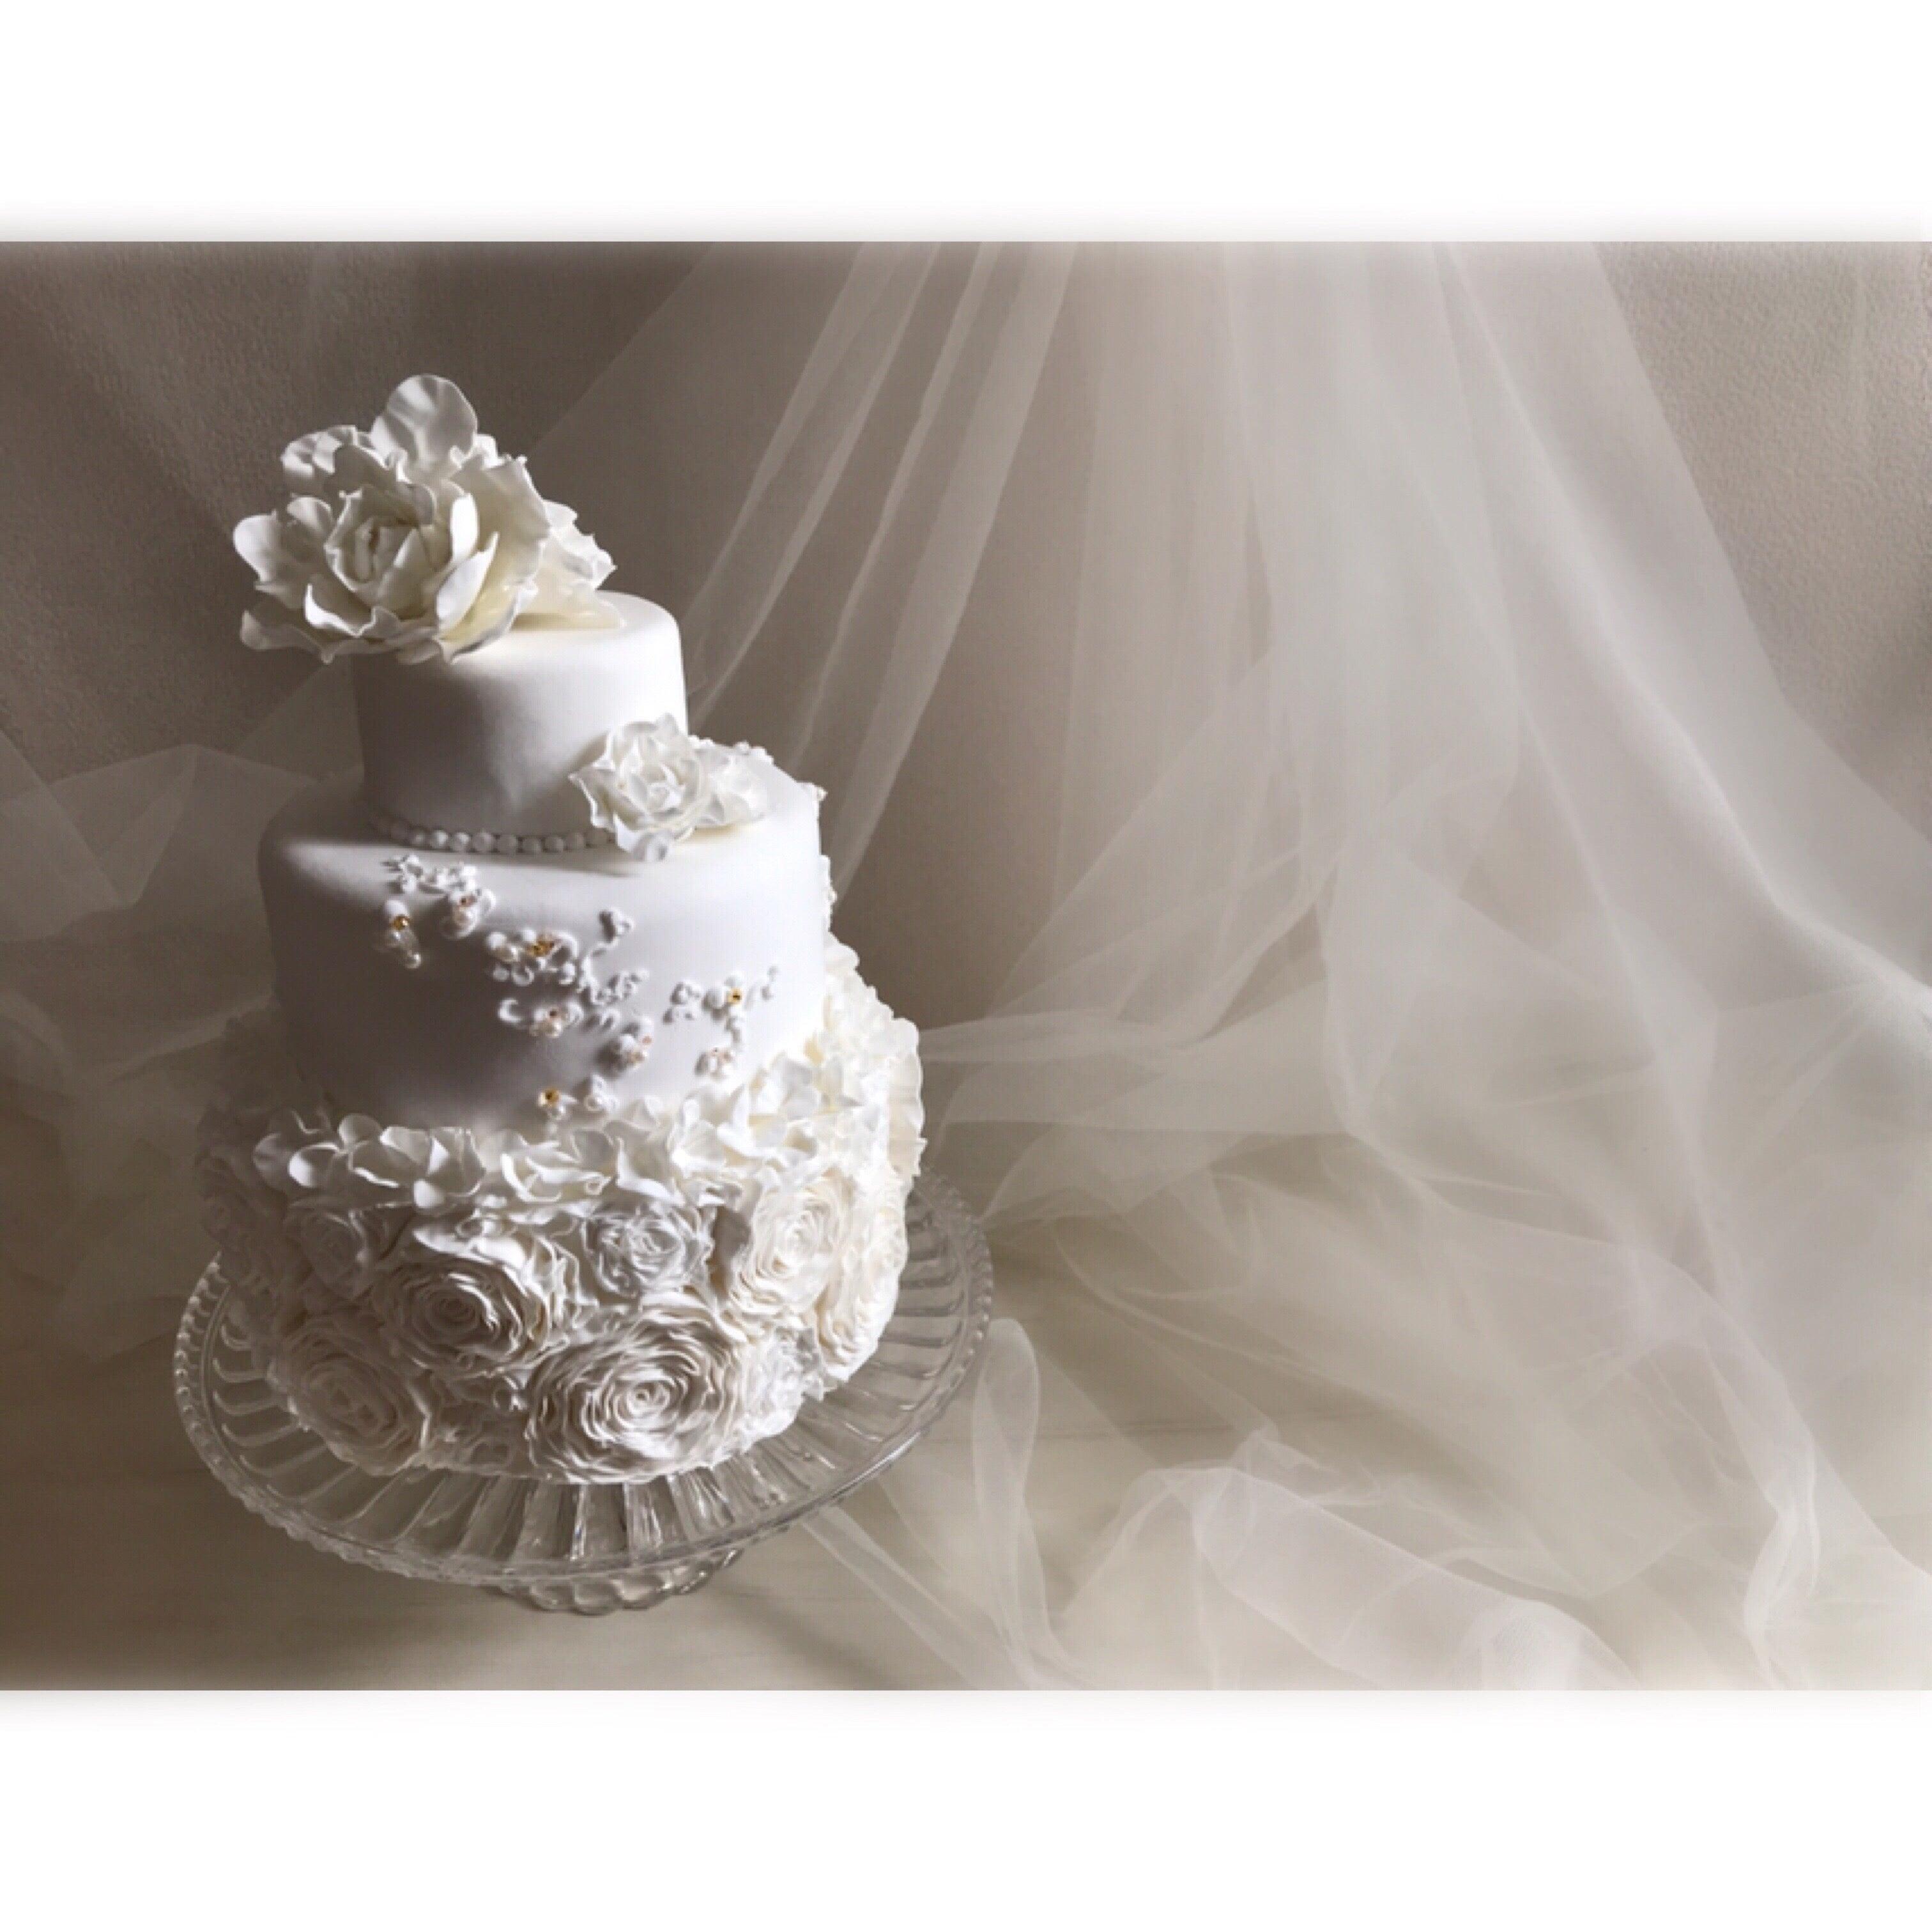 ホワイトローズのクレイケーキ 3段 のご紹介